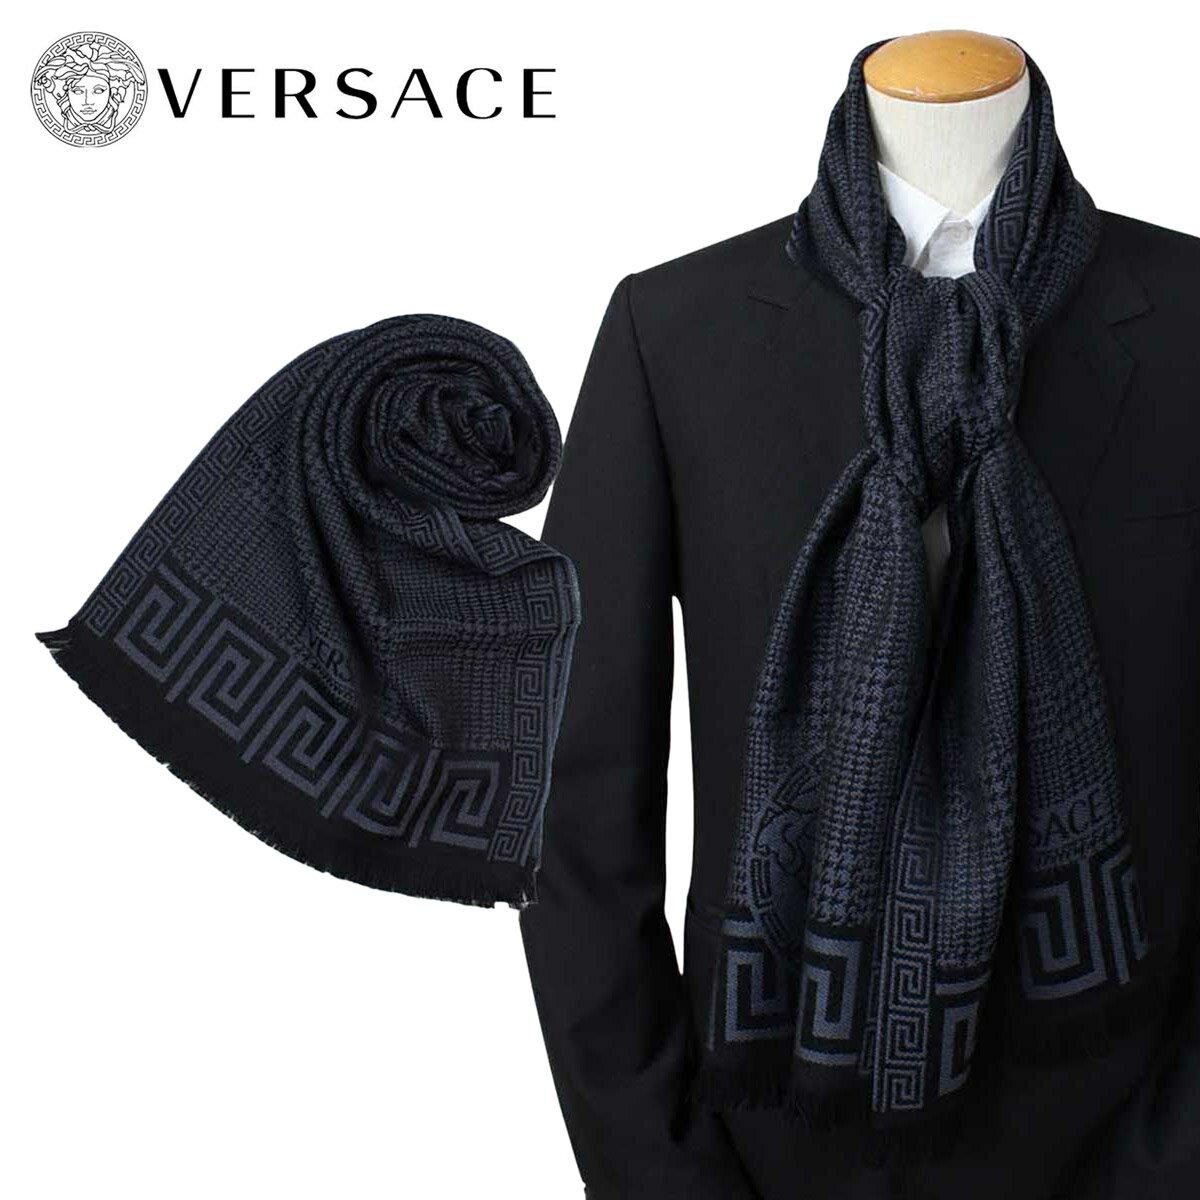 ベルサーチ VERSACE マフラー ヴェルサーチ メンズ ウール イタリア製 カジュアル ビジネス 0665